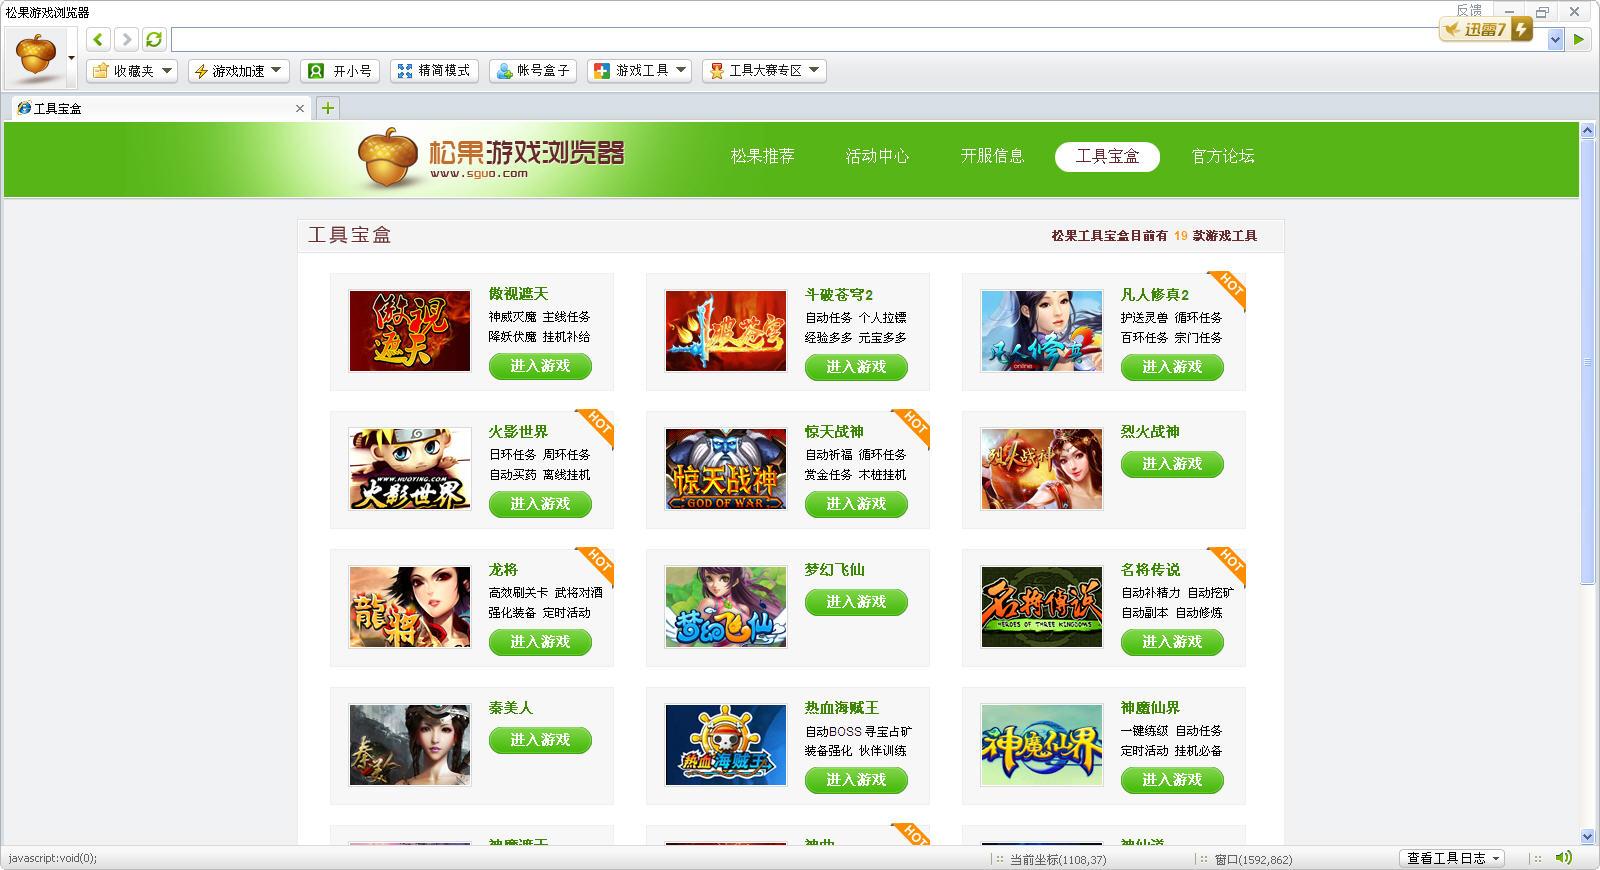 松果游戏浏览器V1.8 官方正式版